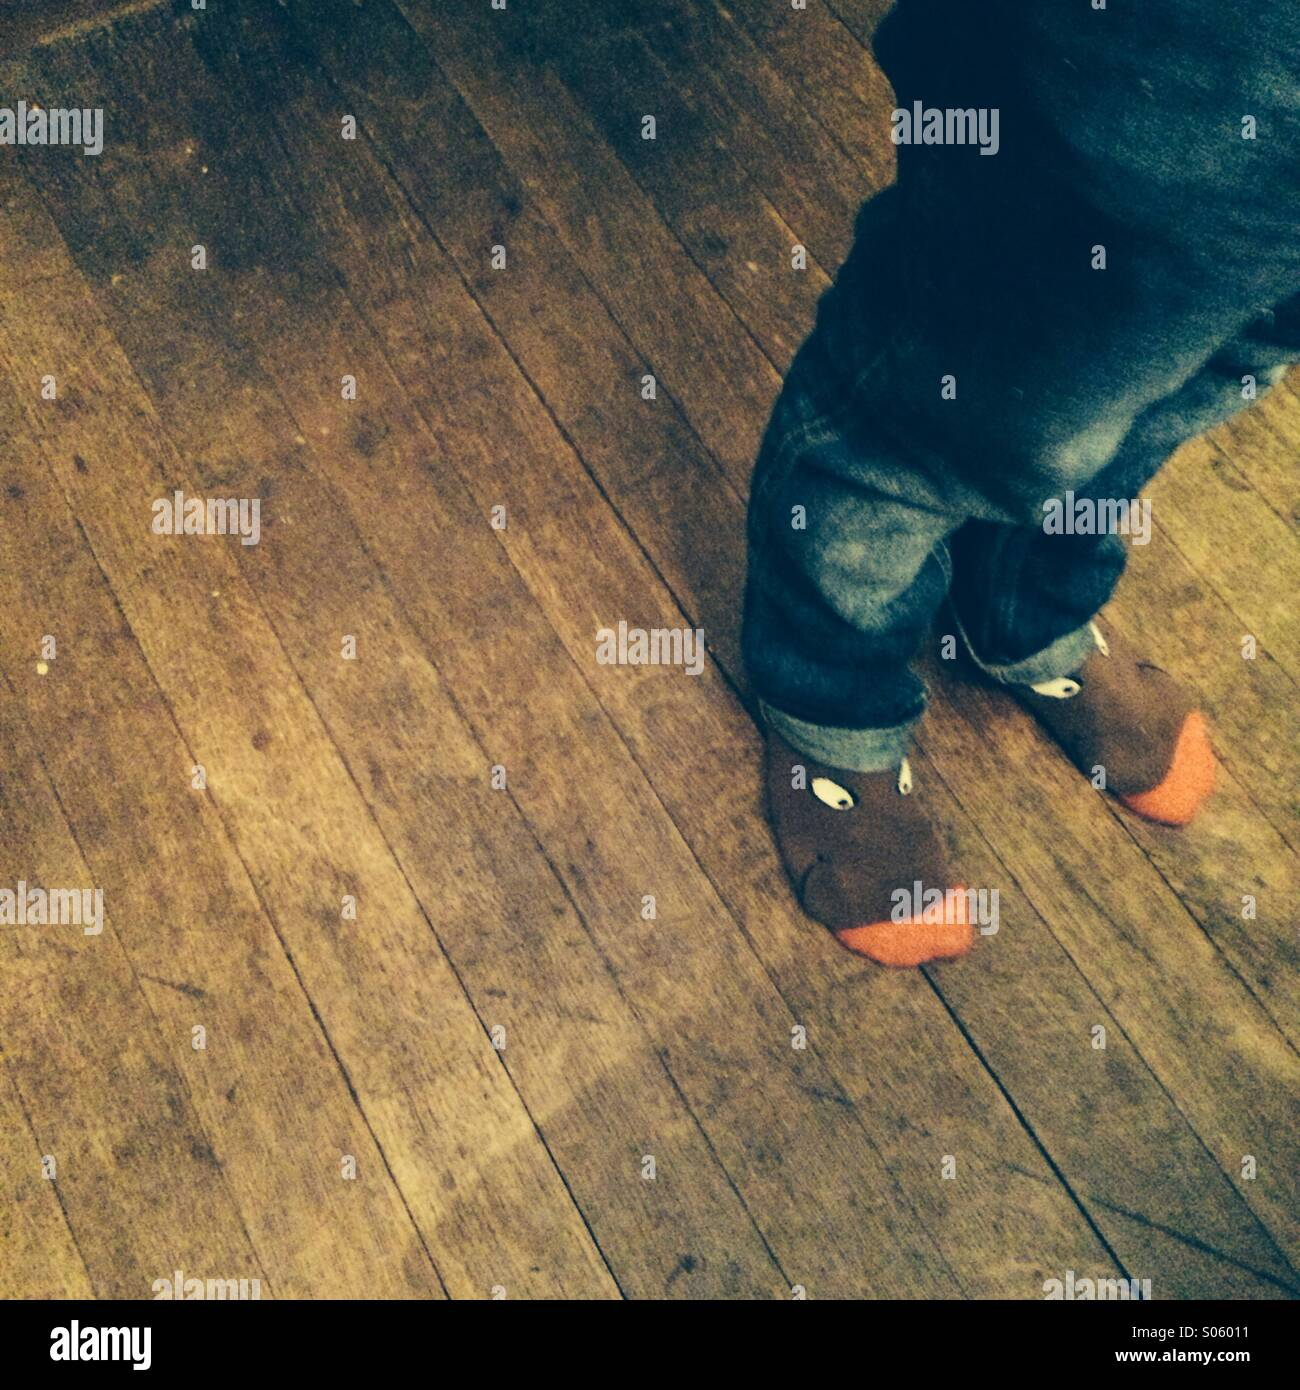 Socks - Stock Image